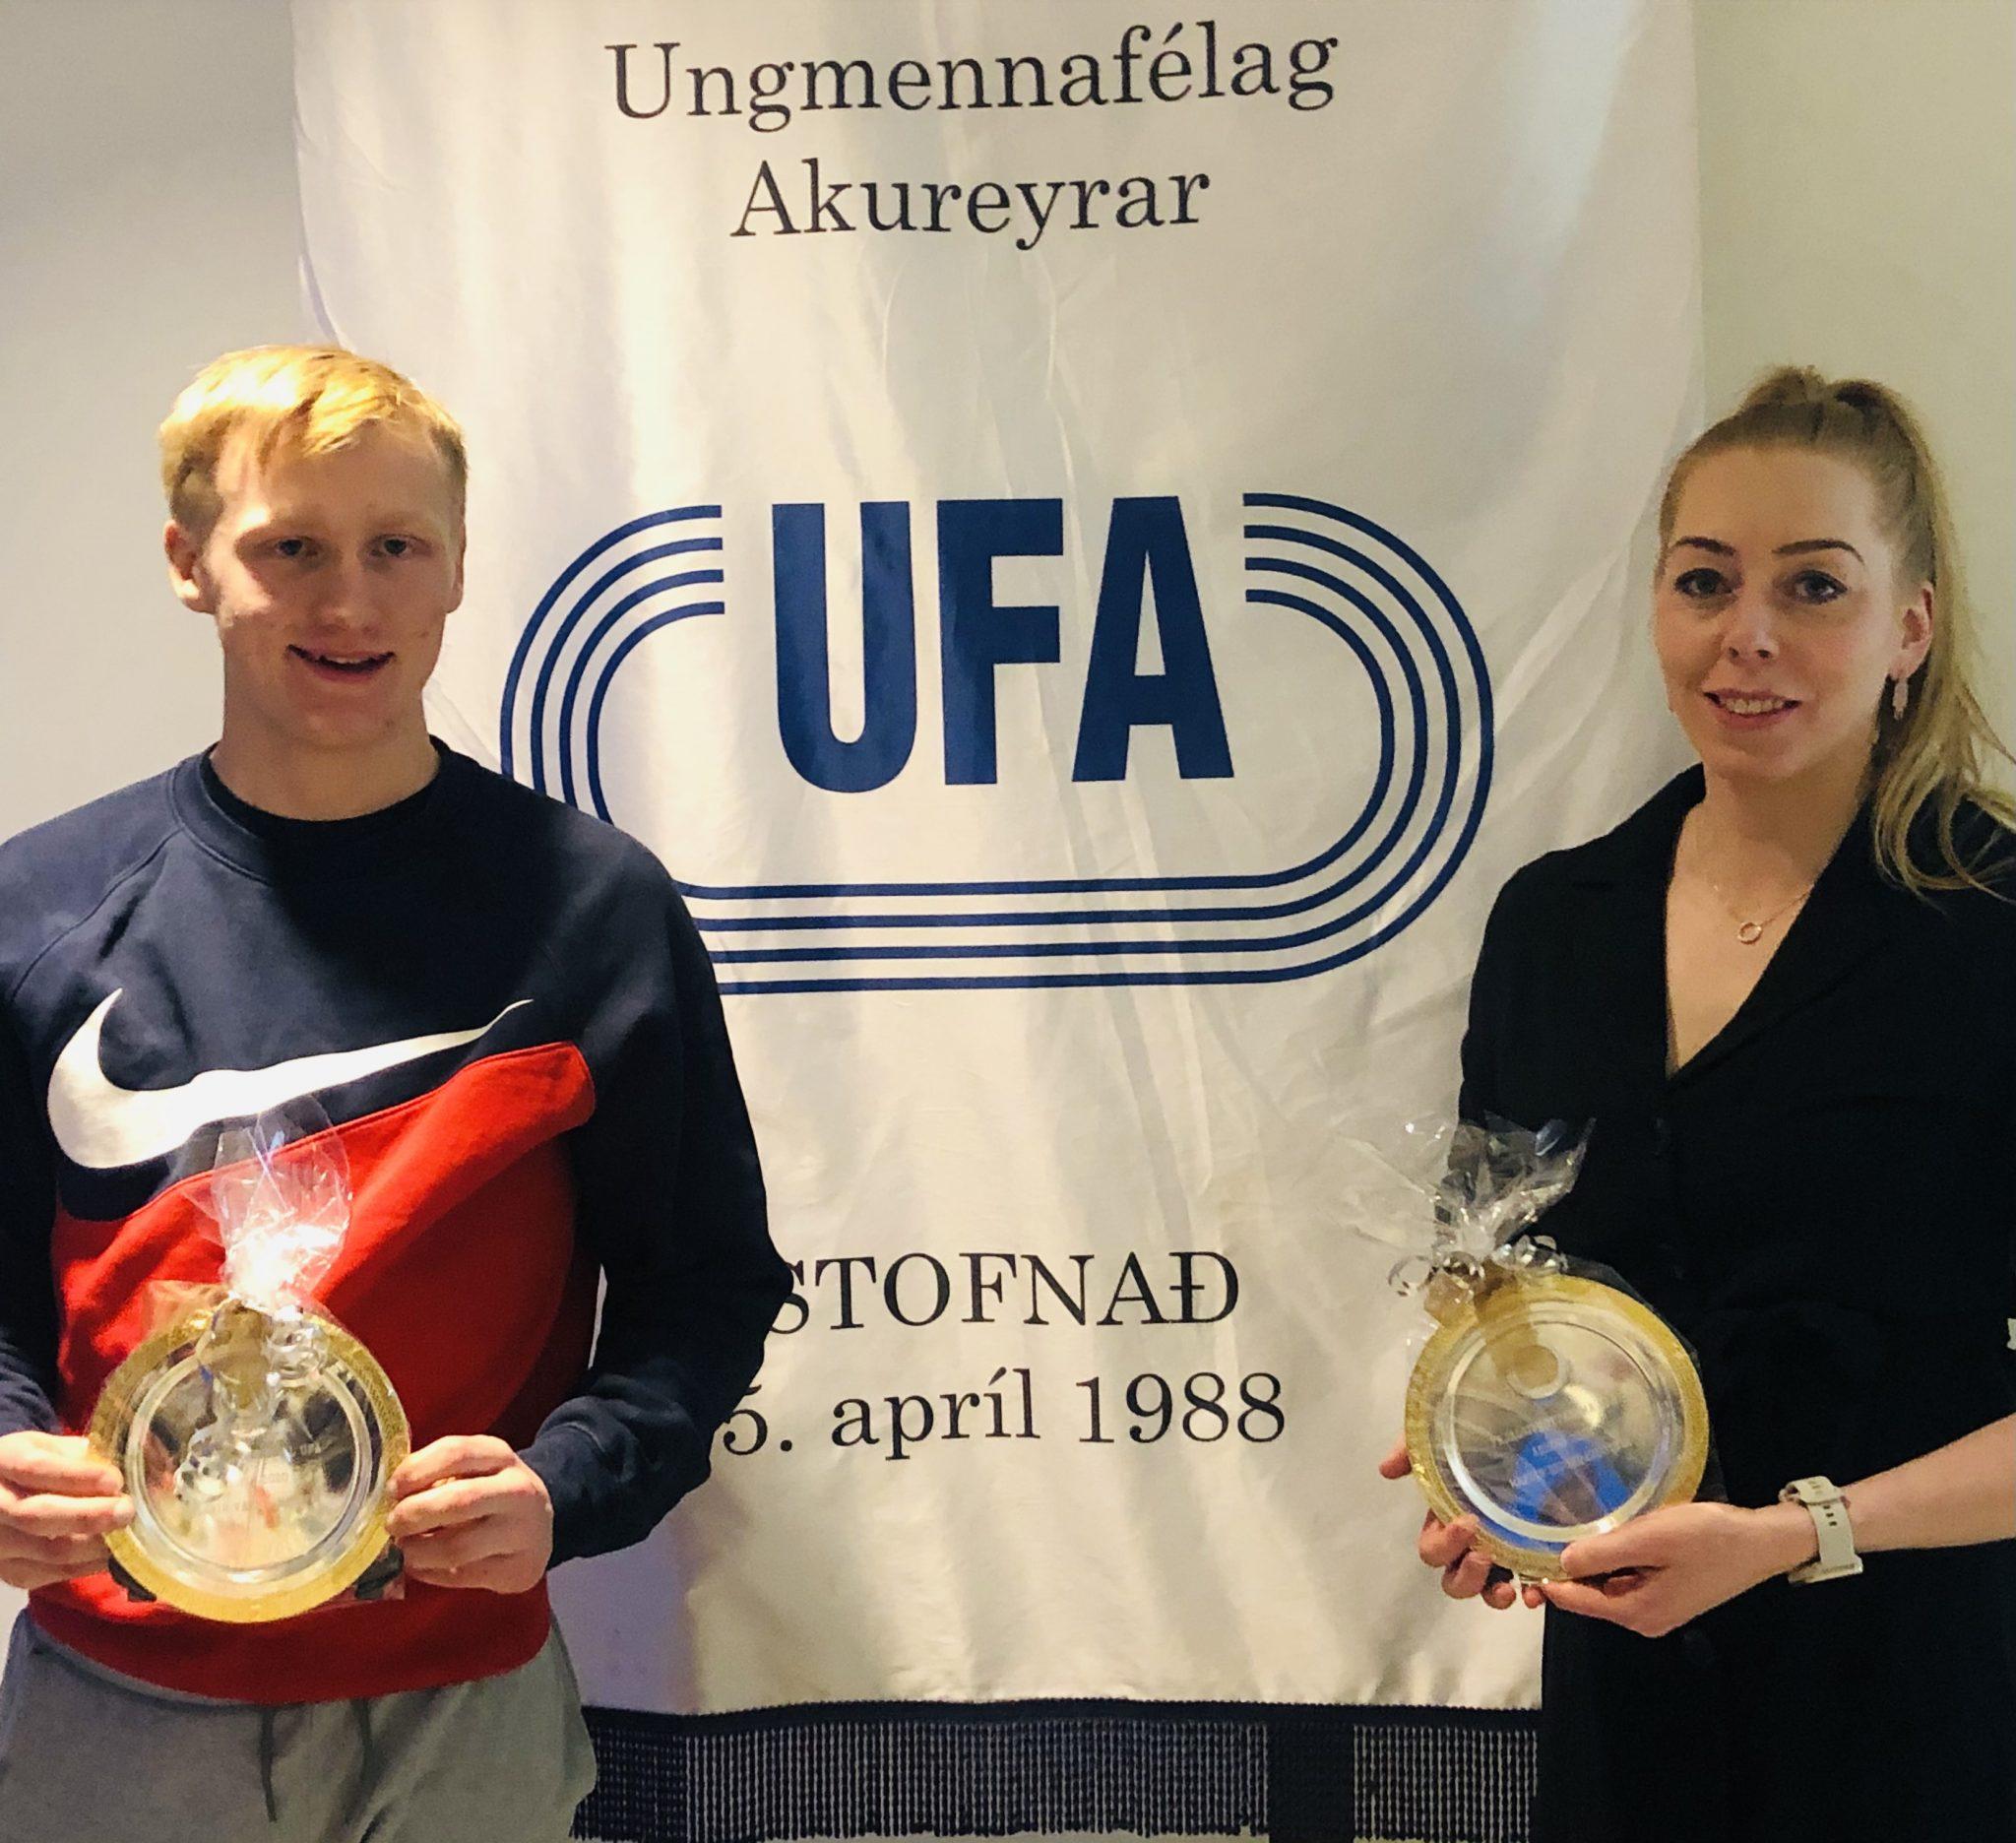 Hafdís og Birnir Vagn íþróttafólk Ungmennafélags Akureyrar 2020